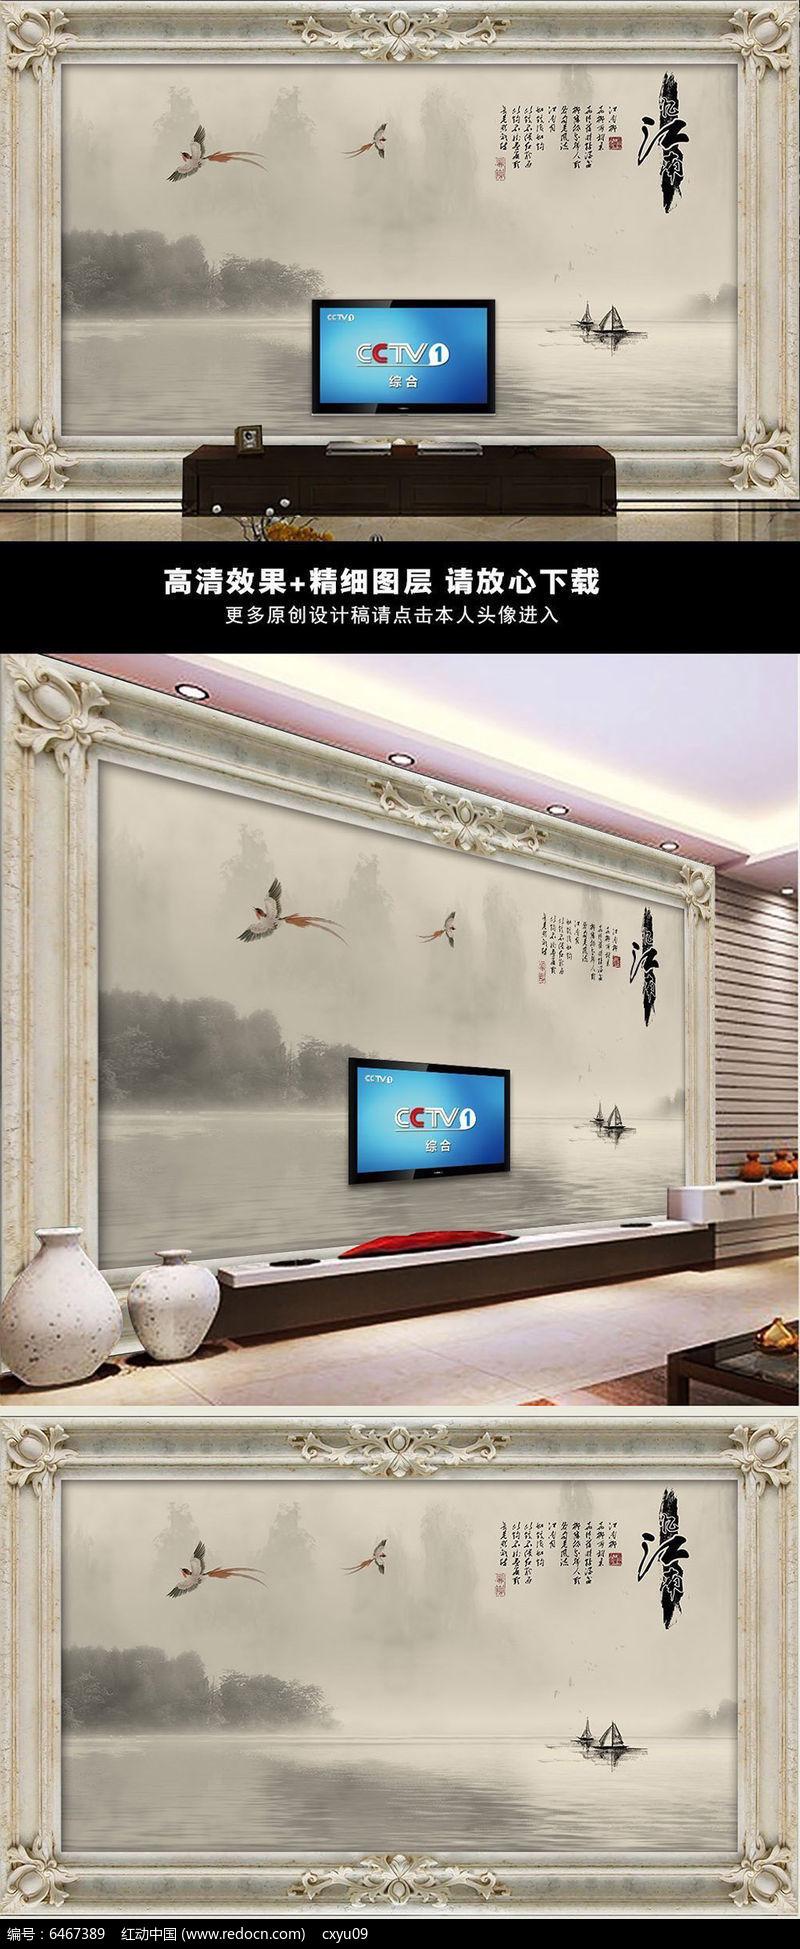 中国风砂岩花鸟水墨画背景墙图片